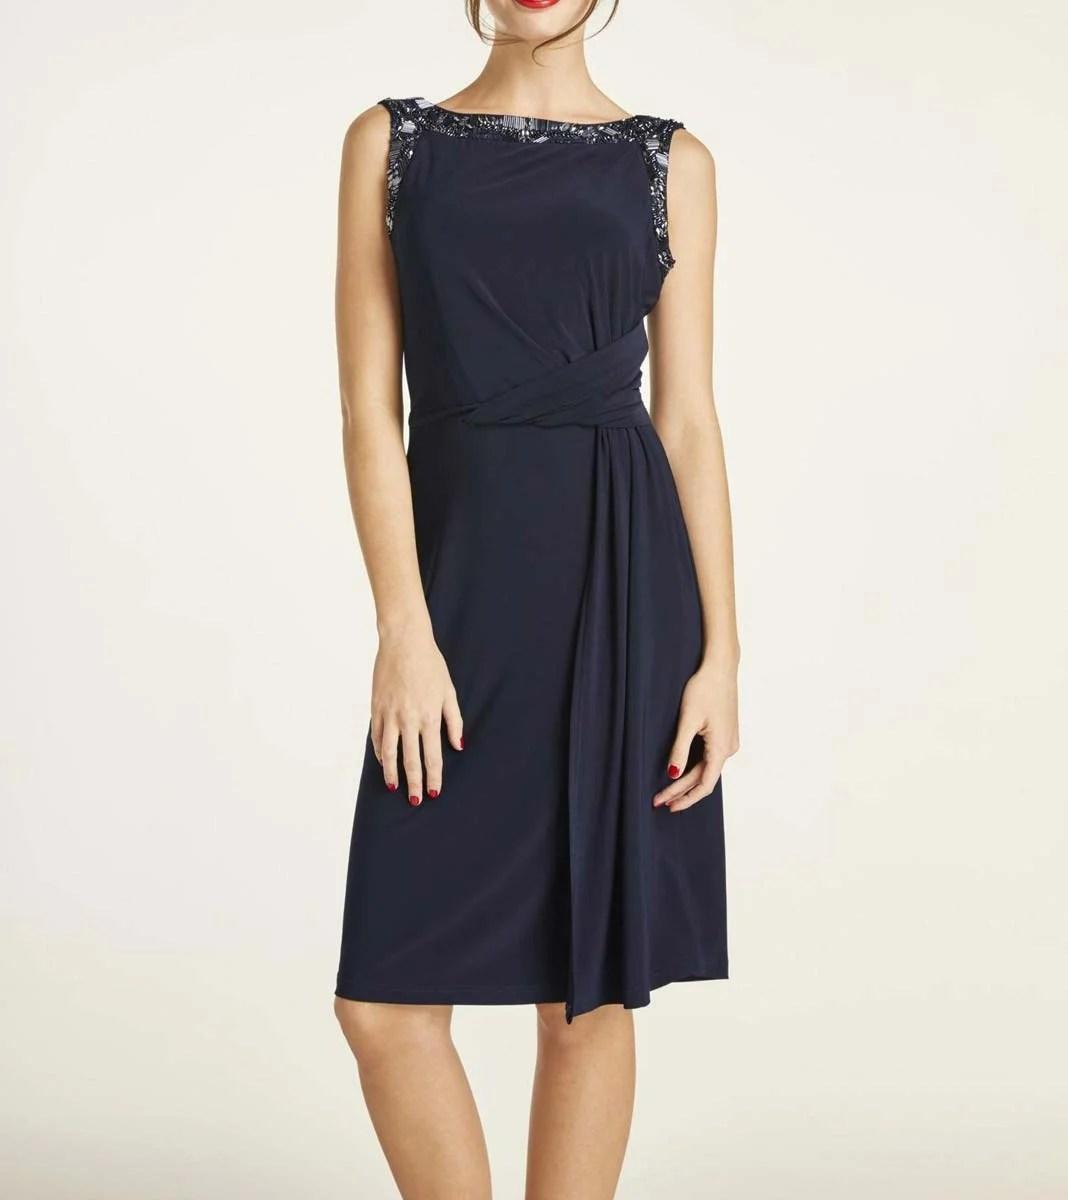 kurzes kleid für besondere anlässe HEINE Cocktailkleid m. Perlen-Stickerei nachtblau 461.887 Missforty